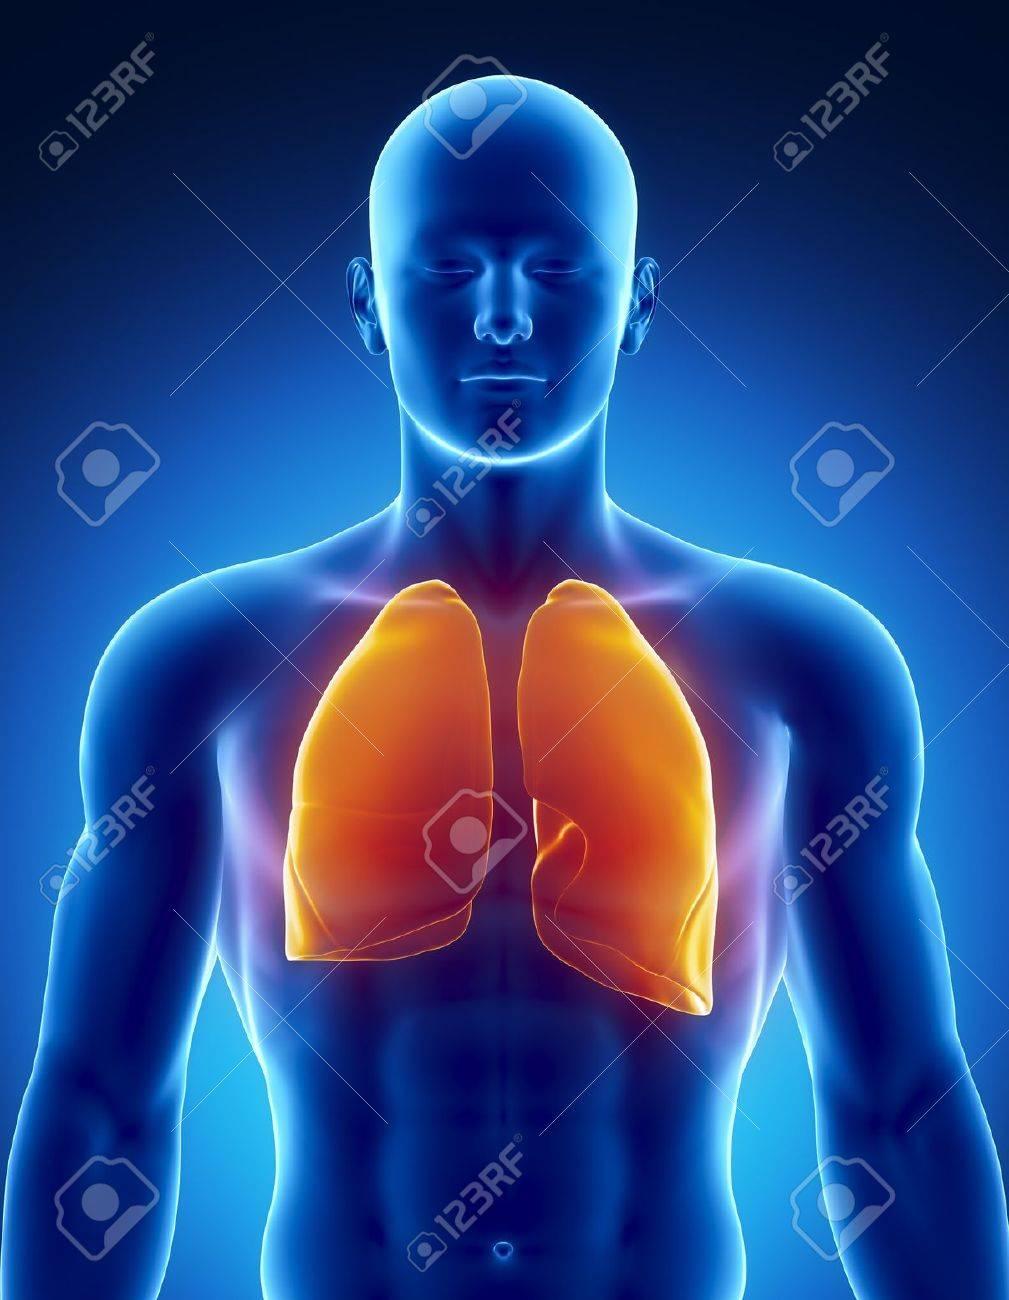 PULMONES Anatomía Masculina De Los órganos Humanos En Vista De Rayos ...